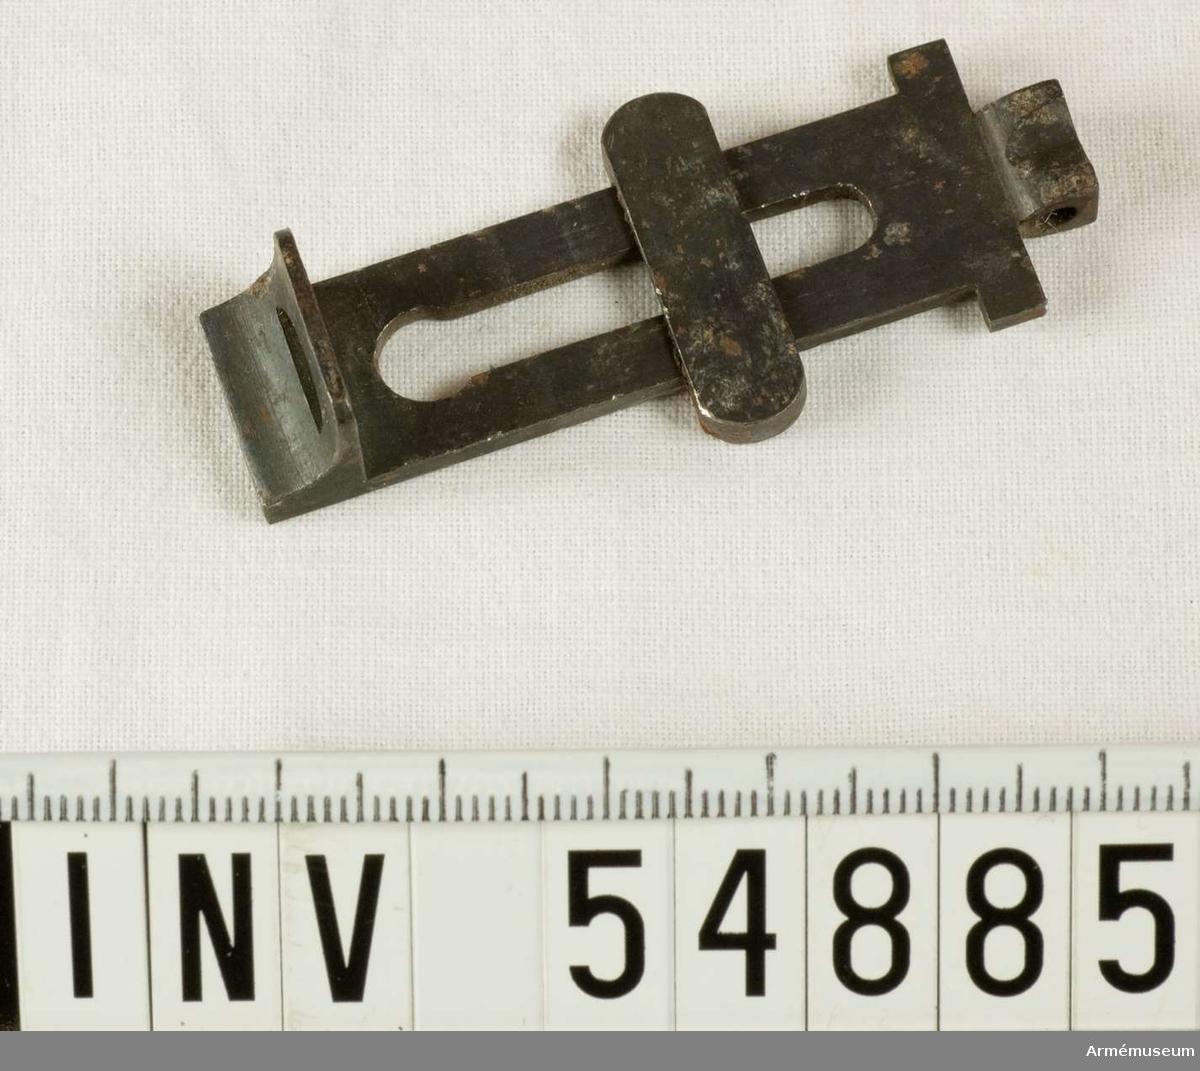 Grupp E VIII.  Del till pipa. Nr 11 (av 11) i tillverkningsordningen.  Gevärsdel t 1867 års gevär m/1867; en av c:a 400 delar.